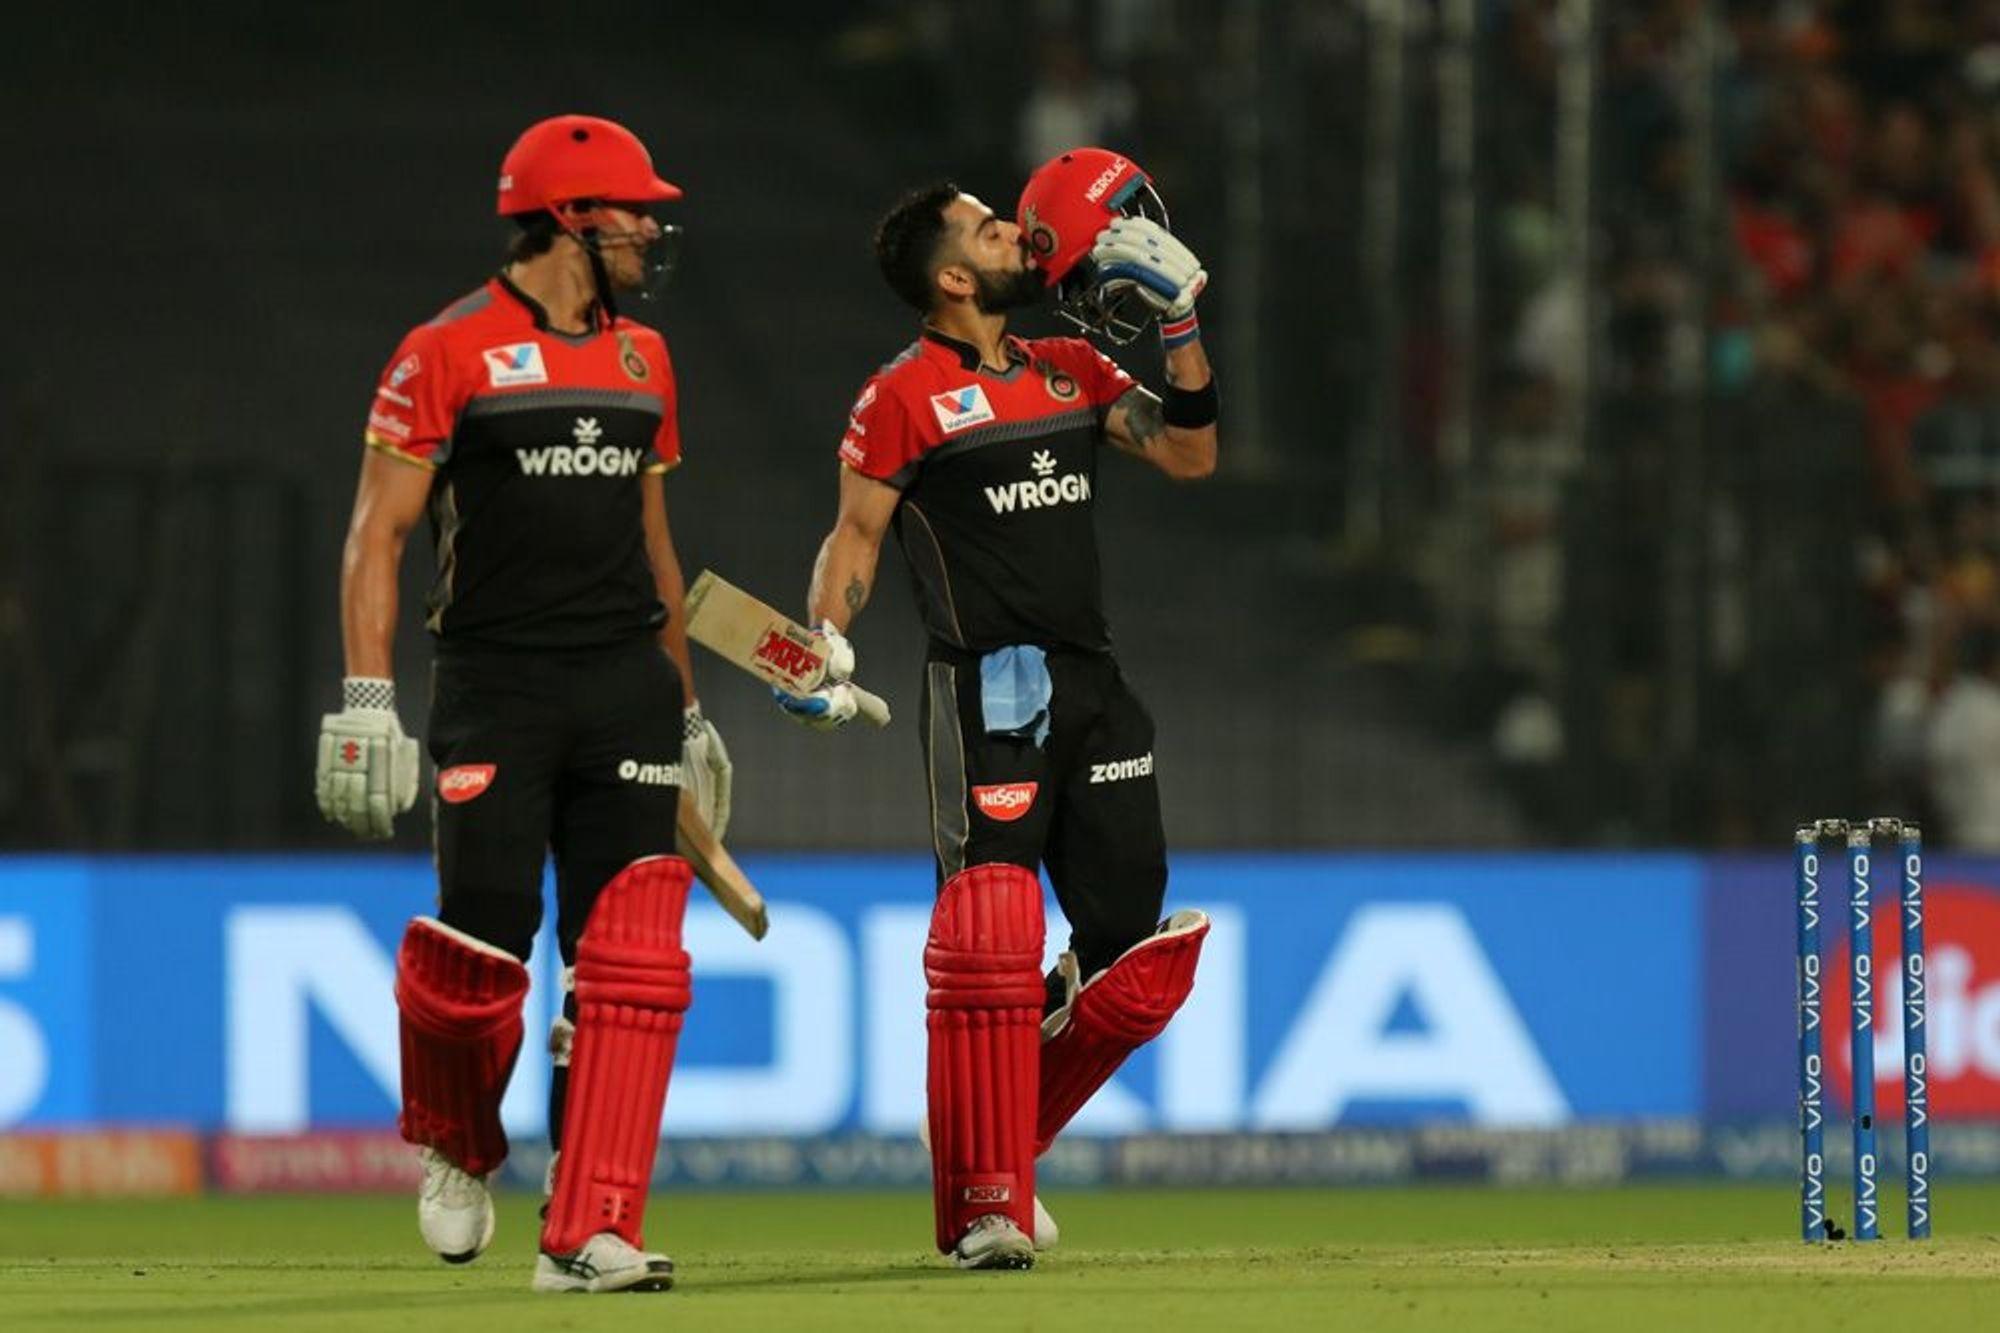 विराटने 58 चेंडूत 9 चौकार आणि 4 षटकारांच्या मदतीने 100 धावा केल्या. कोलकाता विरुद्ध शतकासाठी विराट स्वार्थी झाल्याचंही त्याच्या कृतीतून दिसलं.